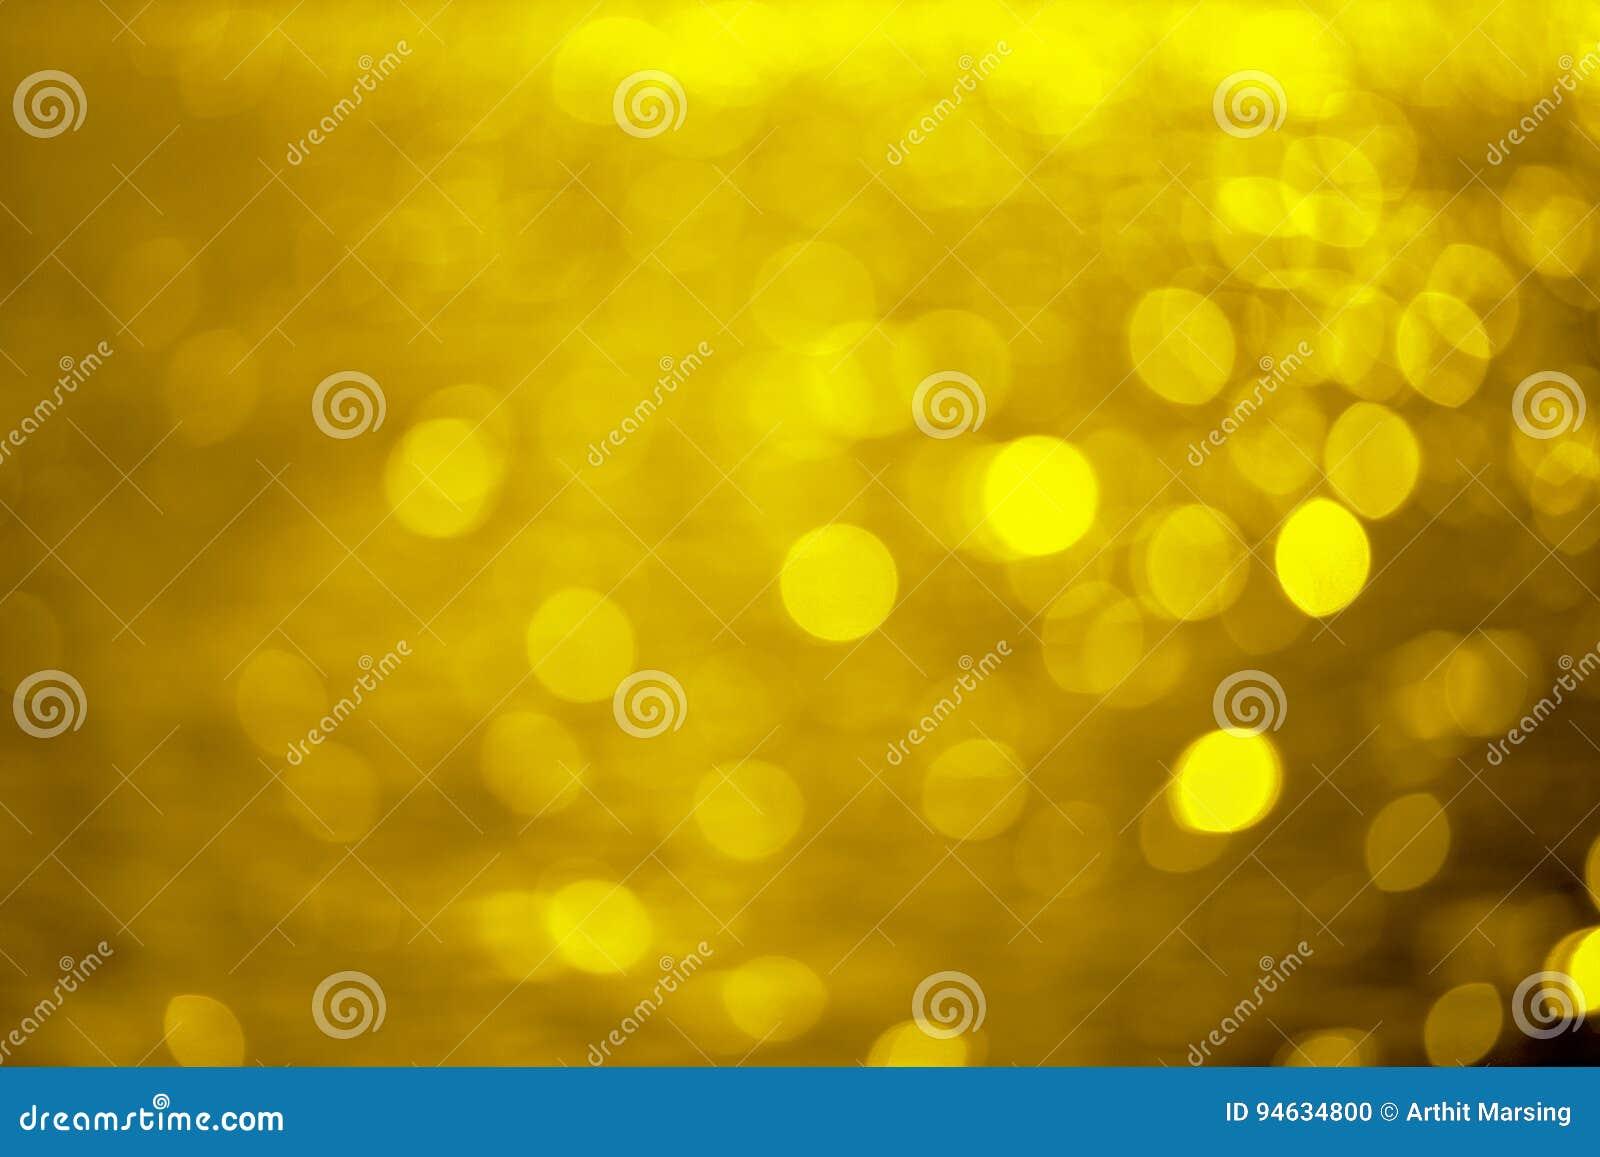 Золотая предпосылка созданная от изображения золотой воды bokeh